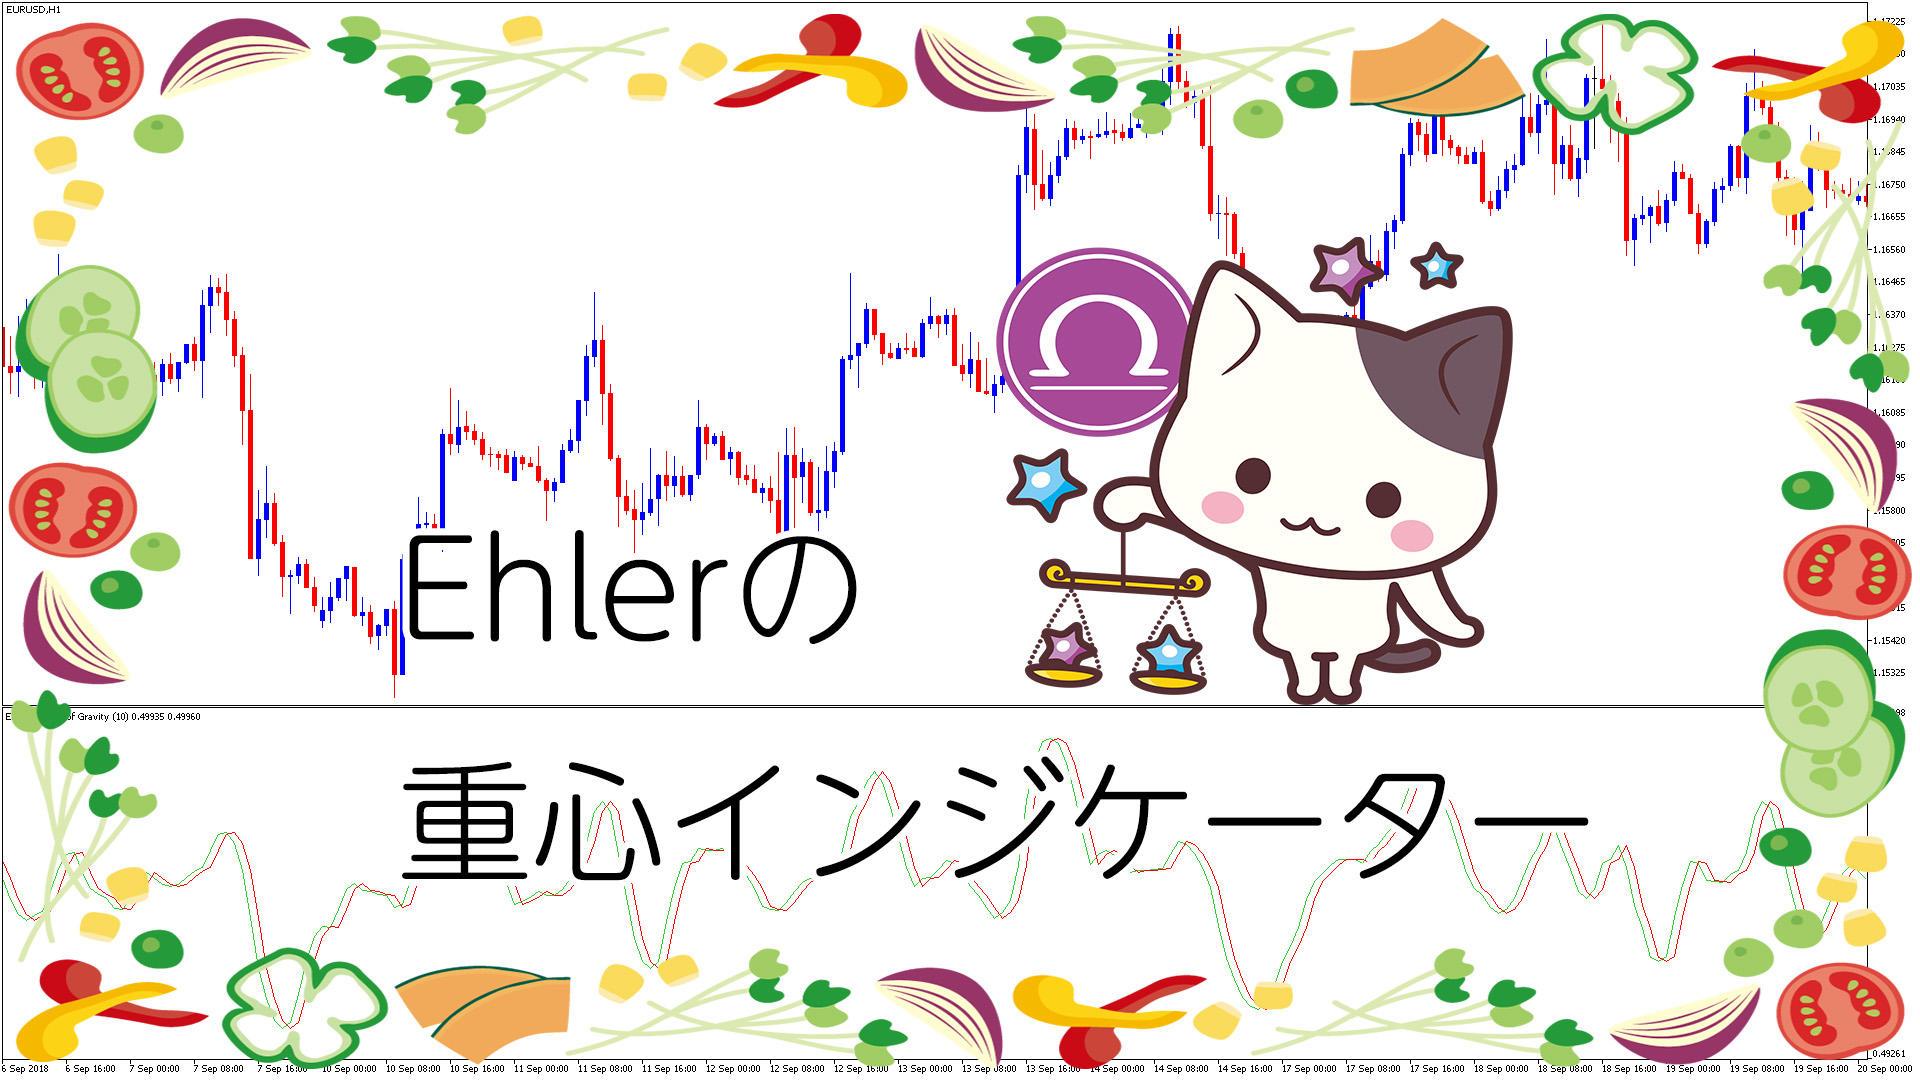 Ehlerの重心インジケーターを表示するMT5インジケータ-「Ehlers_CG」